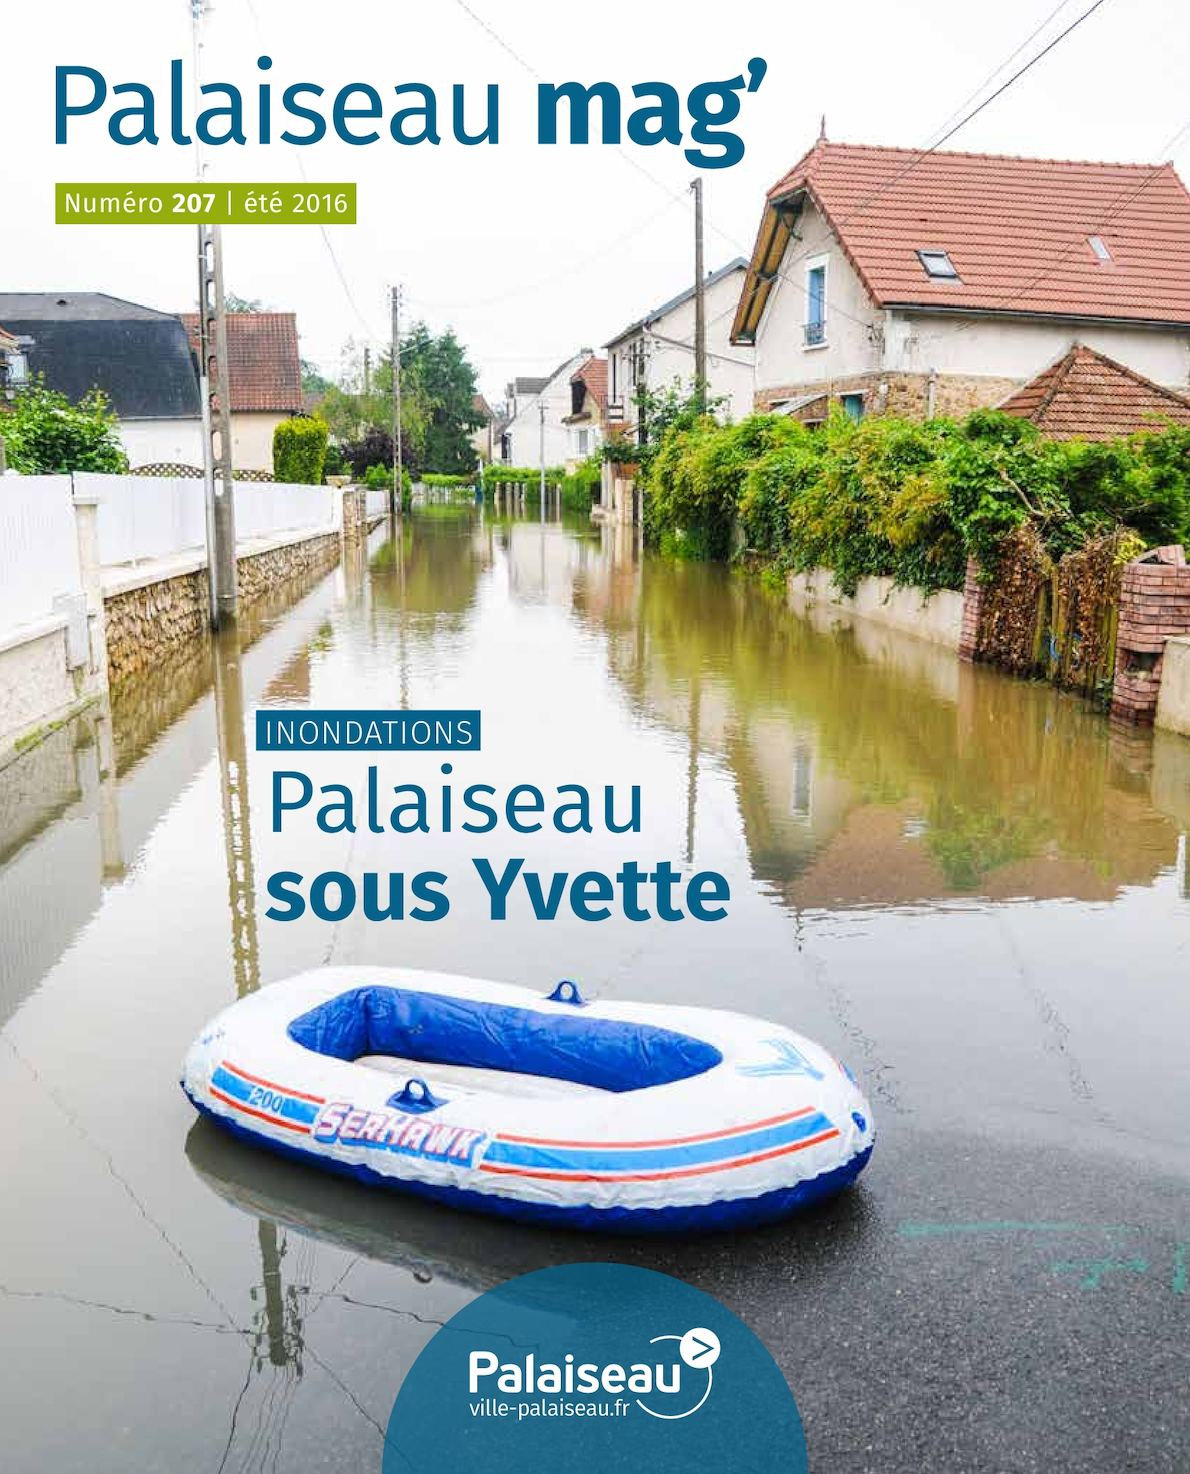 Calam o palaiseau mag n 207 ete 2016 for Piscine de palaiseau